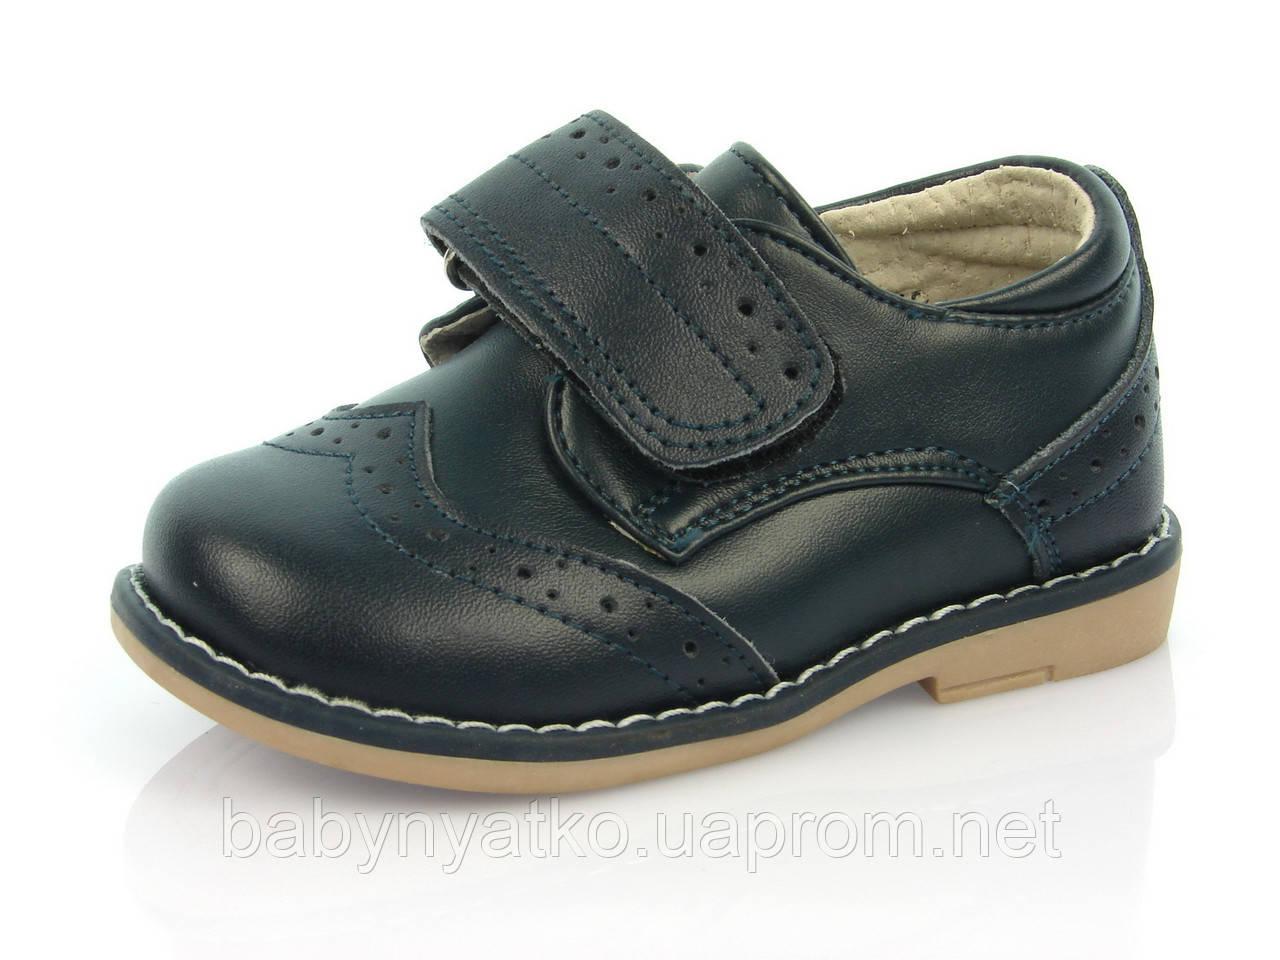 0b3ea0bca Детские кожаные ортопедические туфли Шалунишка-ортопед р.21(13.5см) для  мальчиков